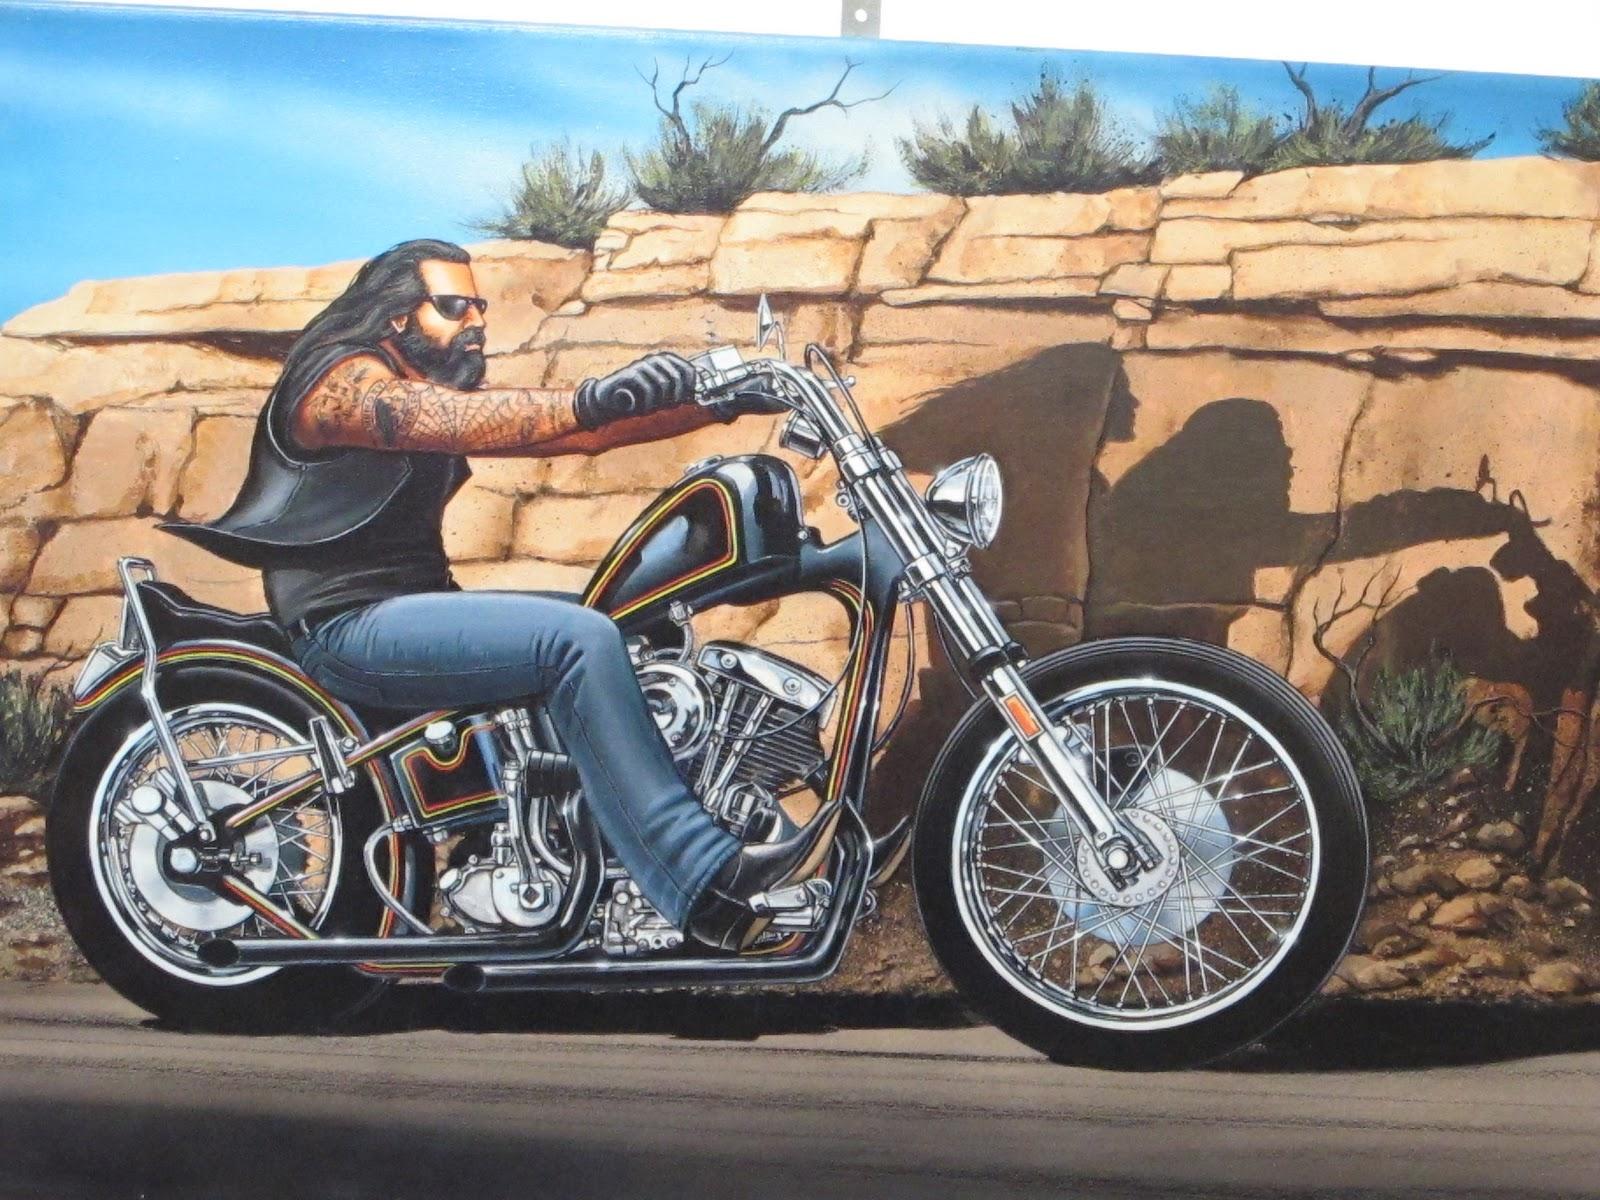 A E Custom Cycles David Mann Chopperfest 1600x1200